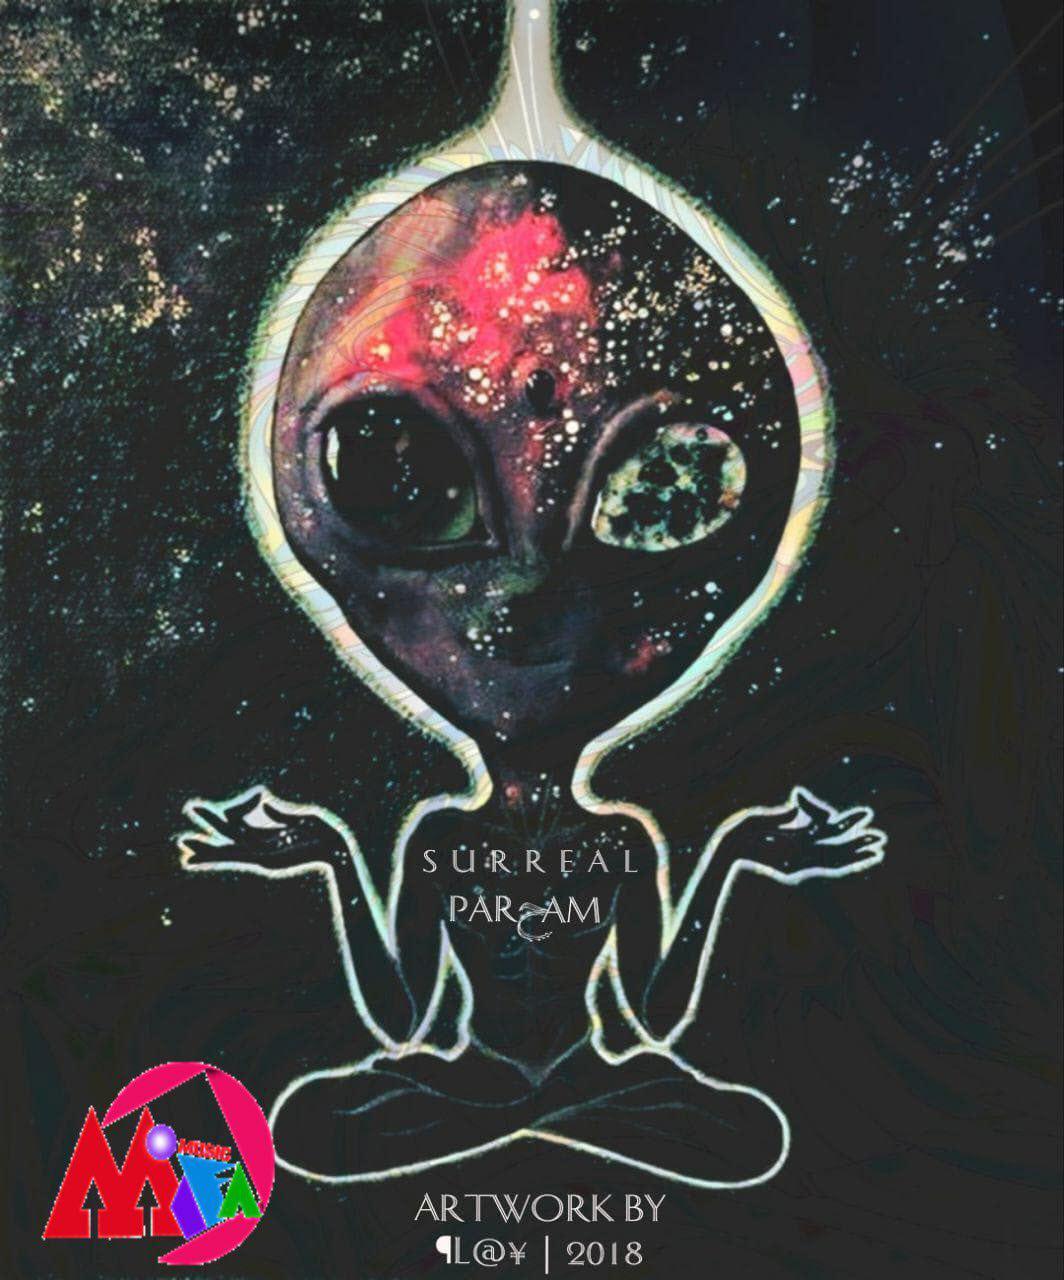 دانلود آلبوم جدید و زیبای پرحام به نام سورئال